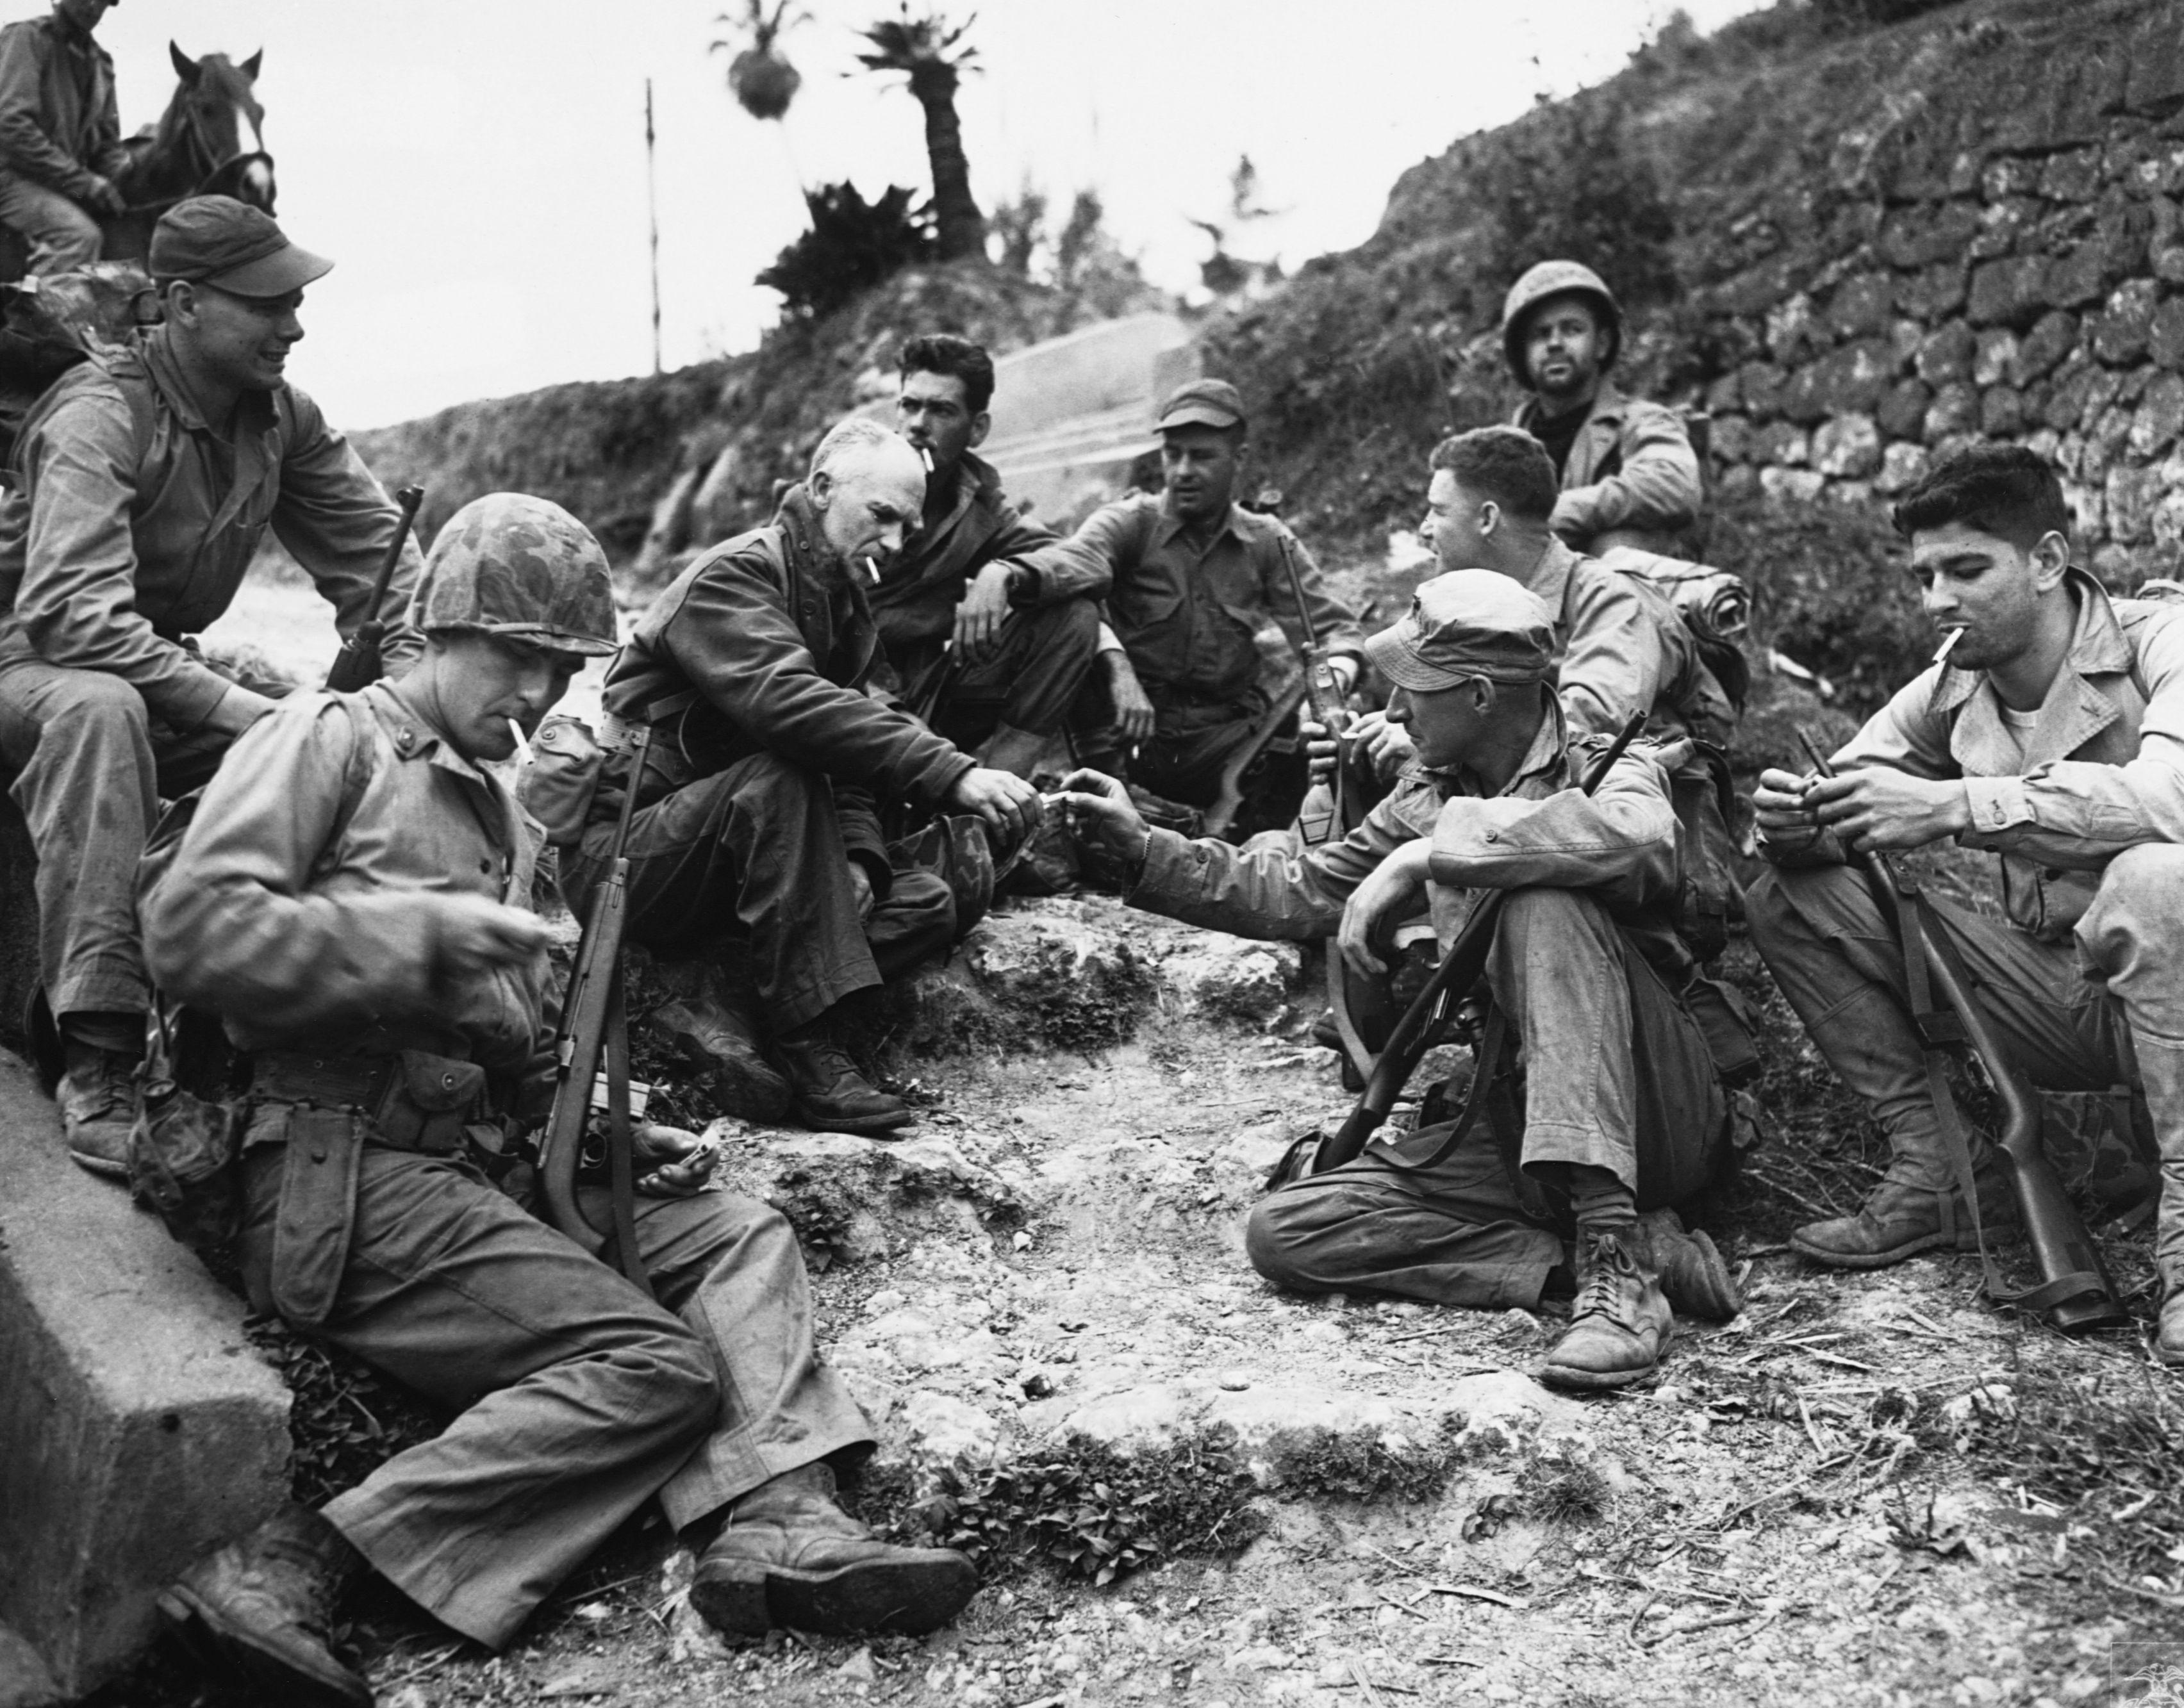 Ernie Pyle Smoking With Marines